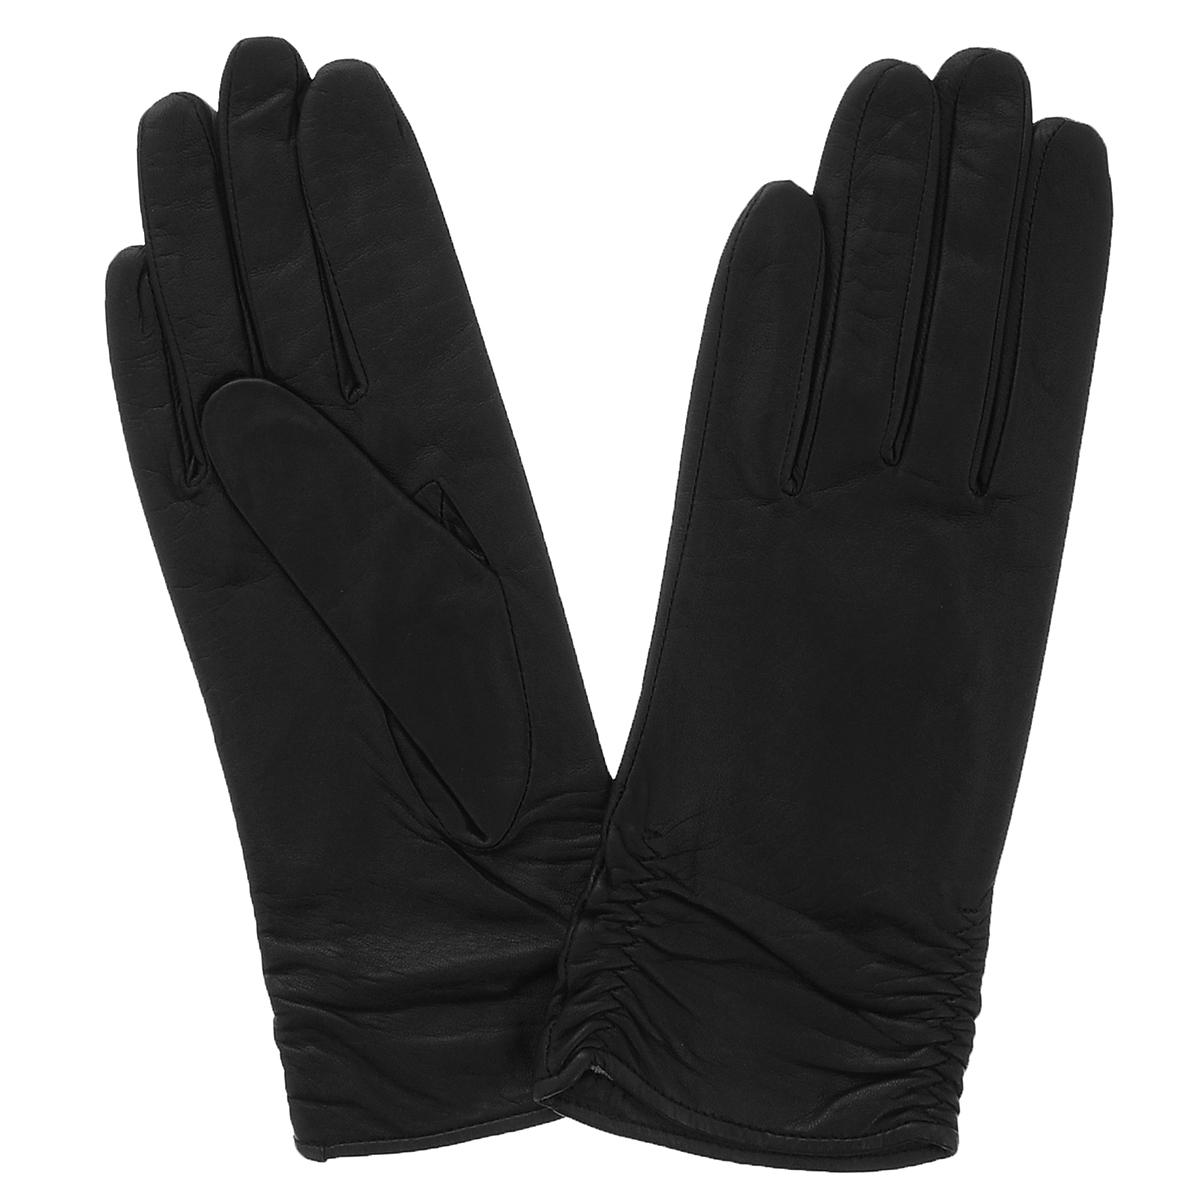 Перчатки женские Dali Exclusive, цвет: черный. 13_ASTRA/BL//11. Размер 7,513_ASTRA/BL//11Стильные женские перчатки Dali Exclusive выполнены из мягкой и приятной на ощупь натуральной кожи ягненка с подкладкой из 100% шерсти.Манжеты по боковому шву собраны на резинку.Такие перчатки подчеркнут ваш стиль и неповторимость.